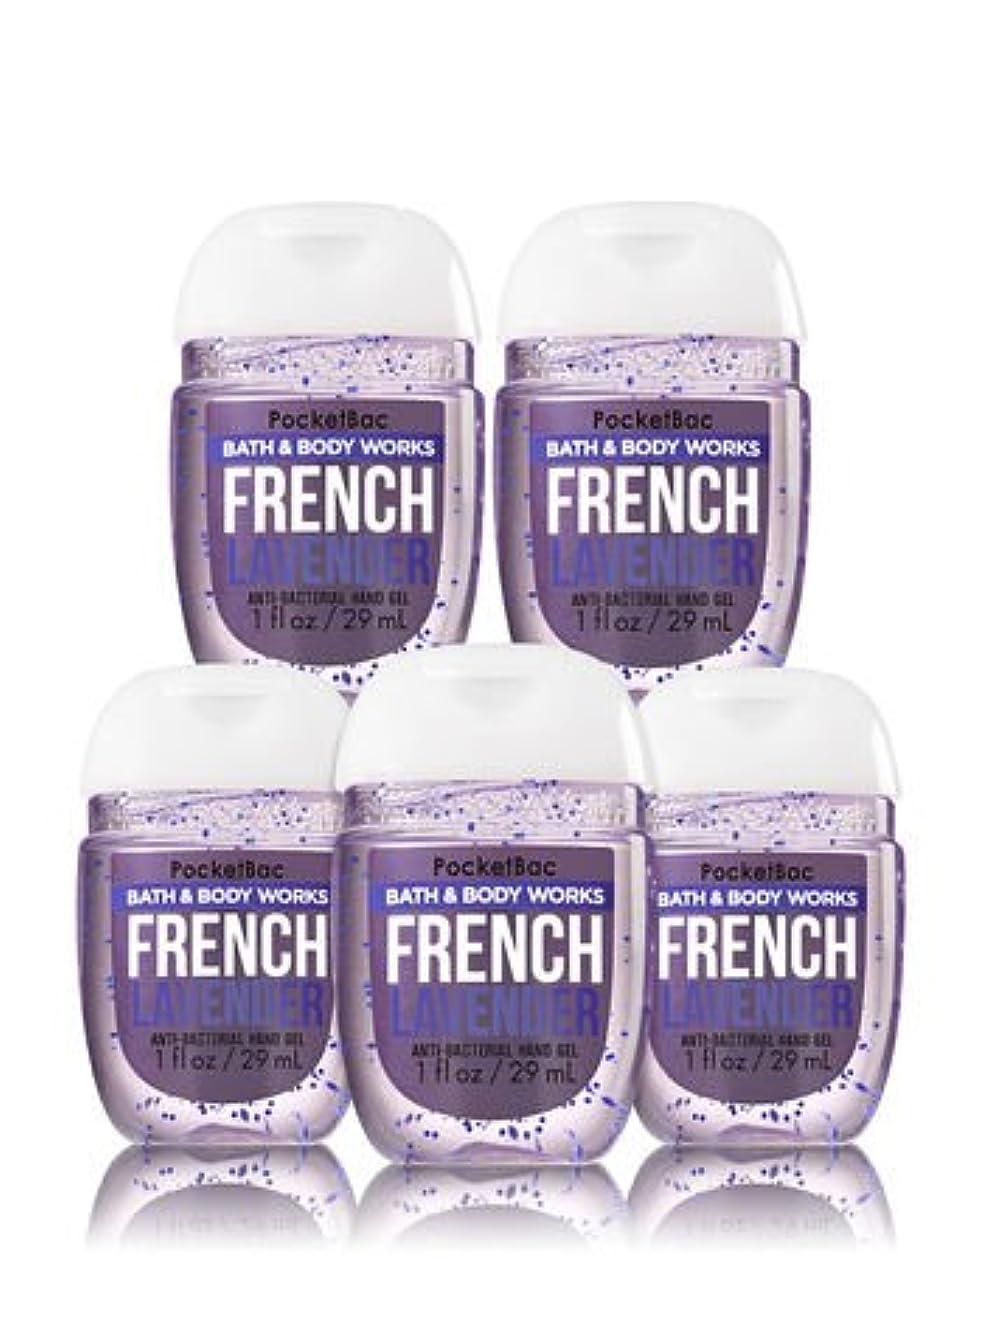 見かけ上意志少し【Bath&Body Works/バス&ボディワークス】 抗菌ハンドジェル 5個セット フレンチラベンダー French Lavender PocketBac Hand Sanitizer Bundle (5-pack) [並行輸入品]